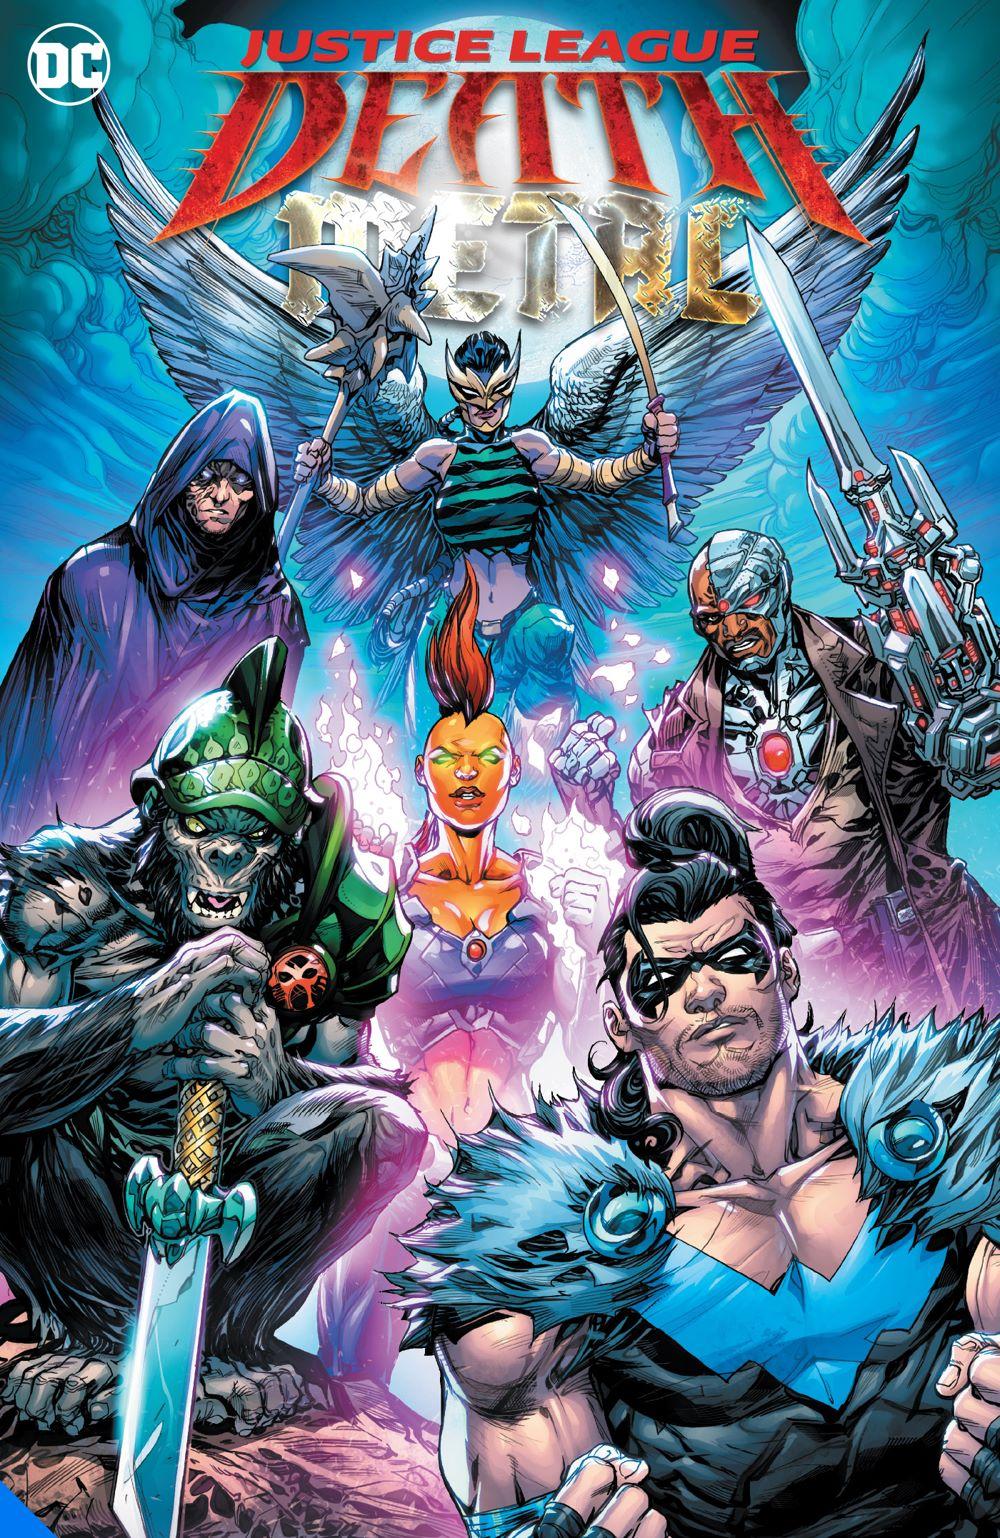 justiceleaguedeathmetal_adv DC Comics August 2021 Solicitations